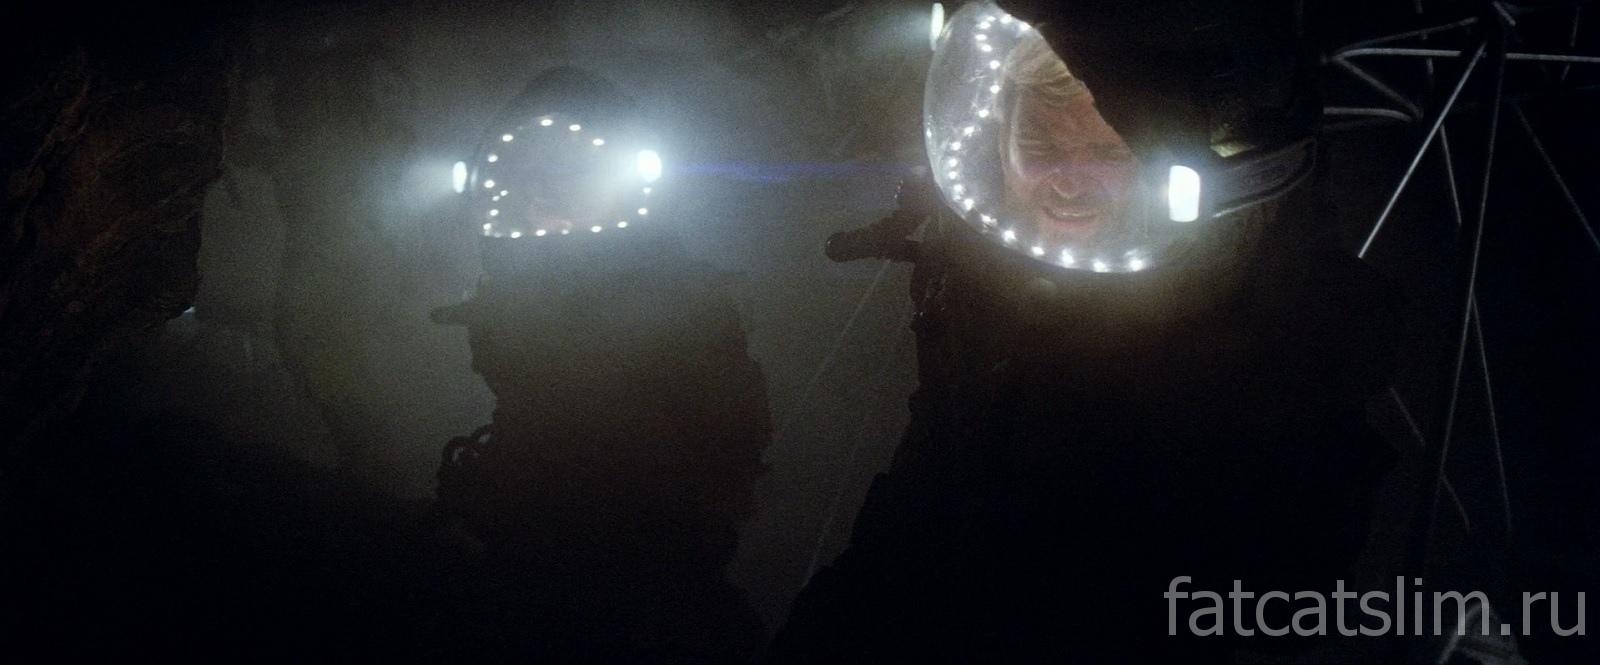 Чужая земля, Чужбина, На чужбине, Внеземелье, Outland, научная фантастика, SciFi, Science Fiction